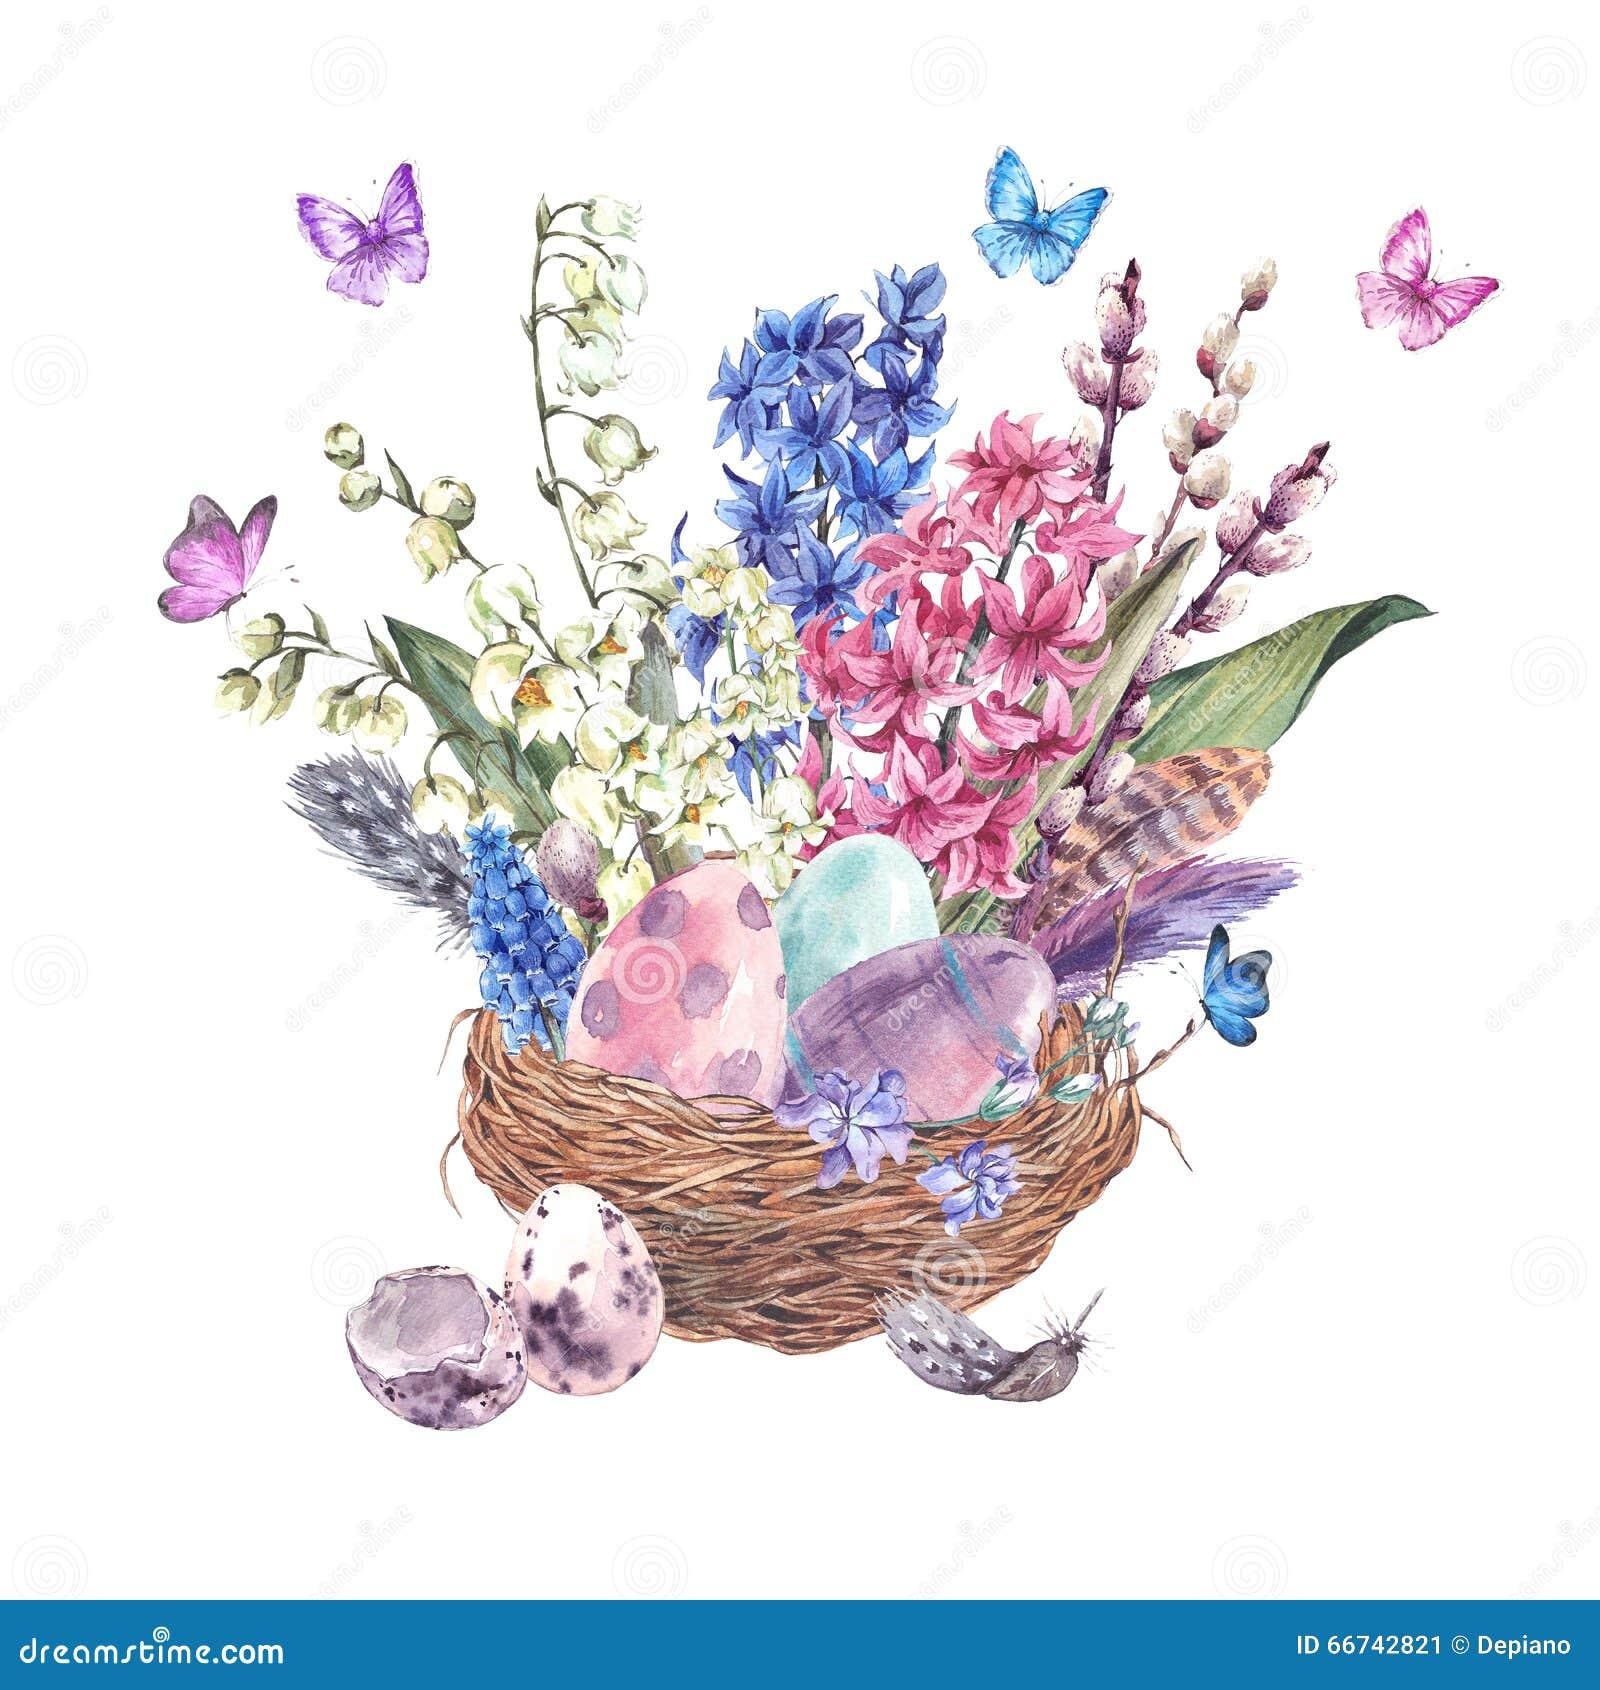 La tarjeta de felicitación feliz de Pascua de la acuarela, primavera florece el ramo